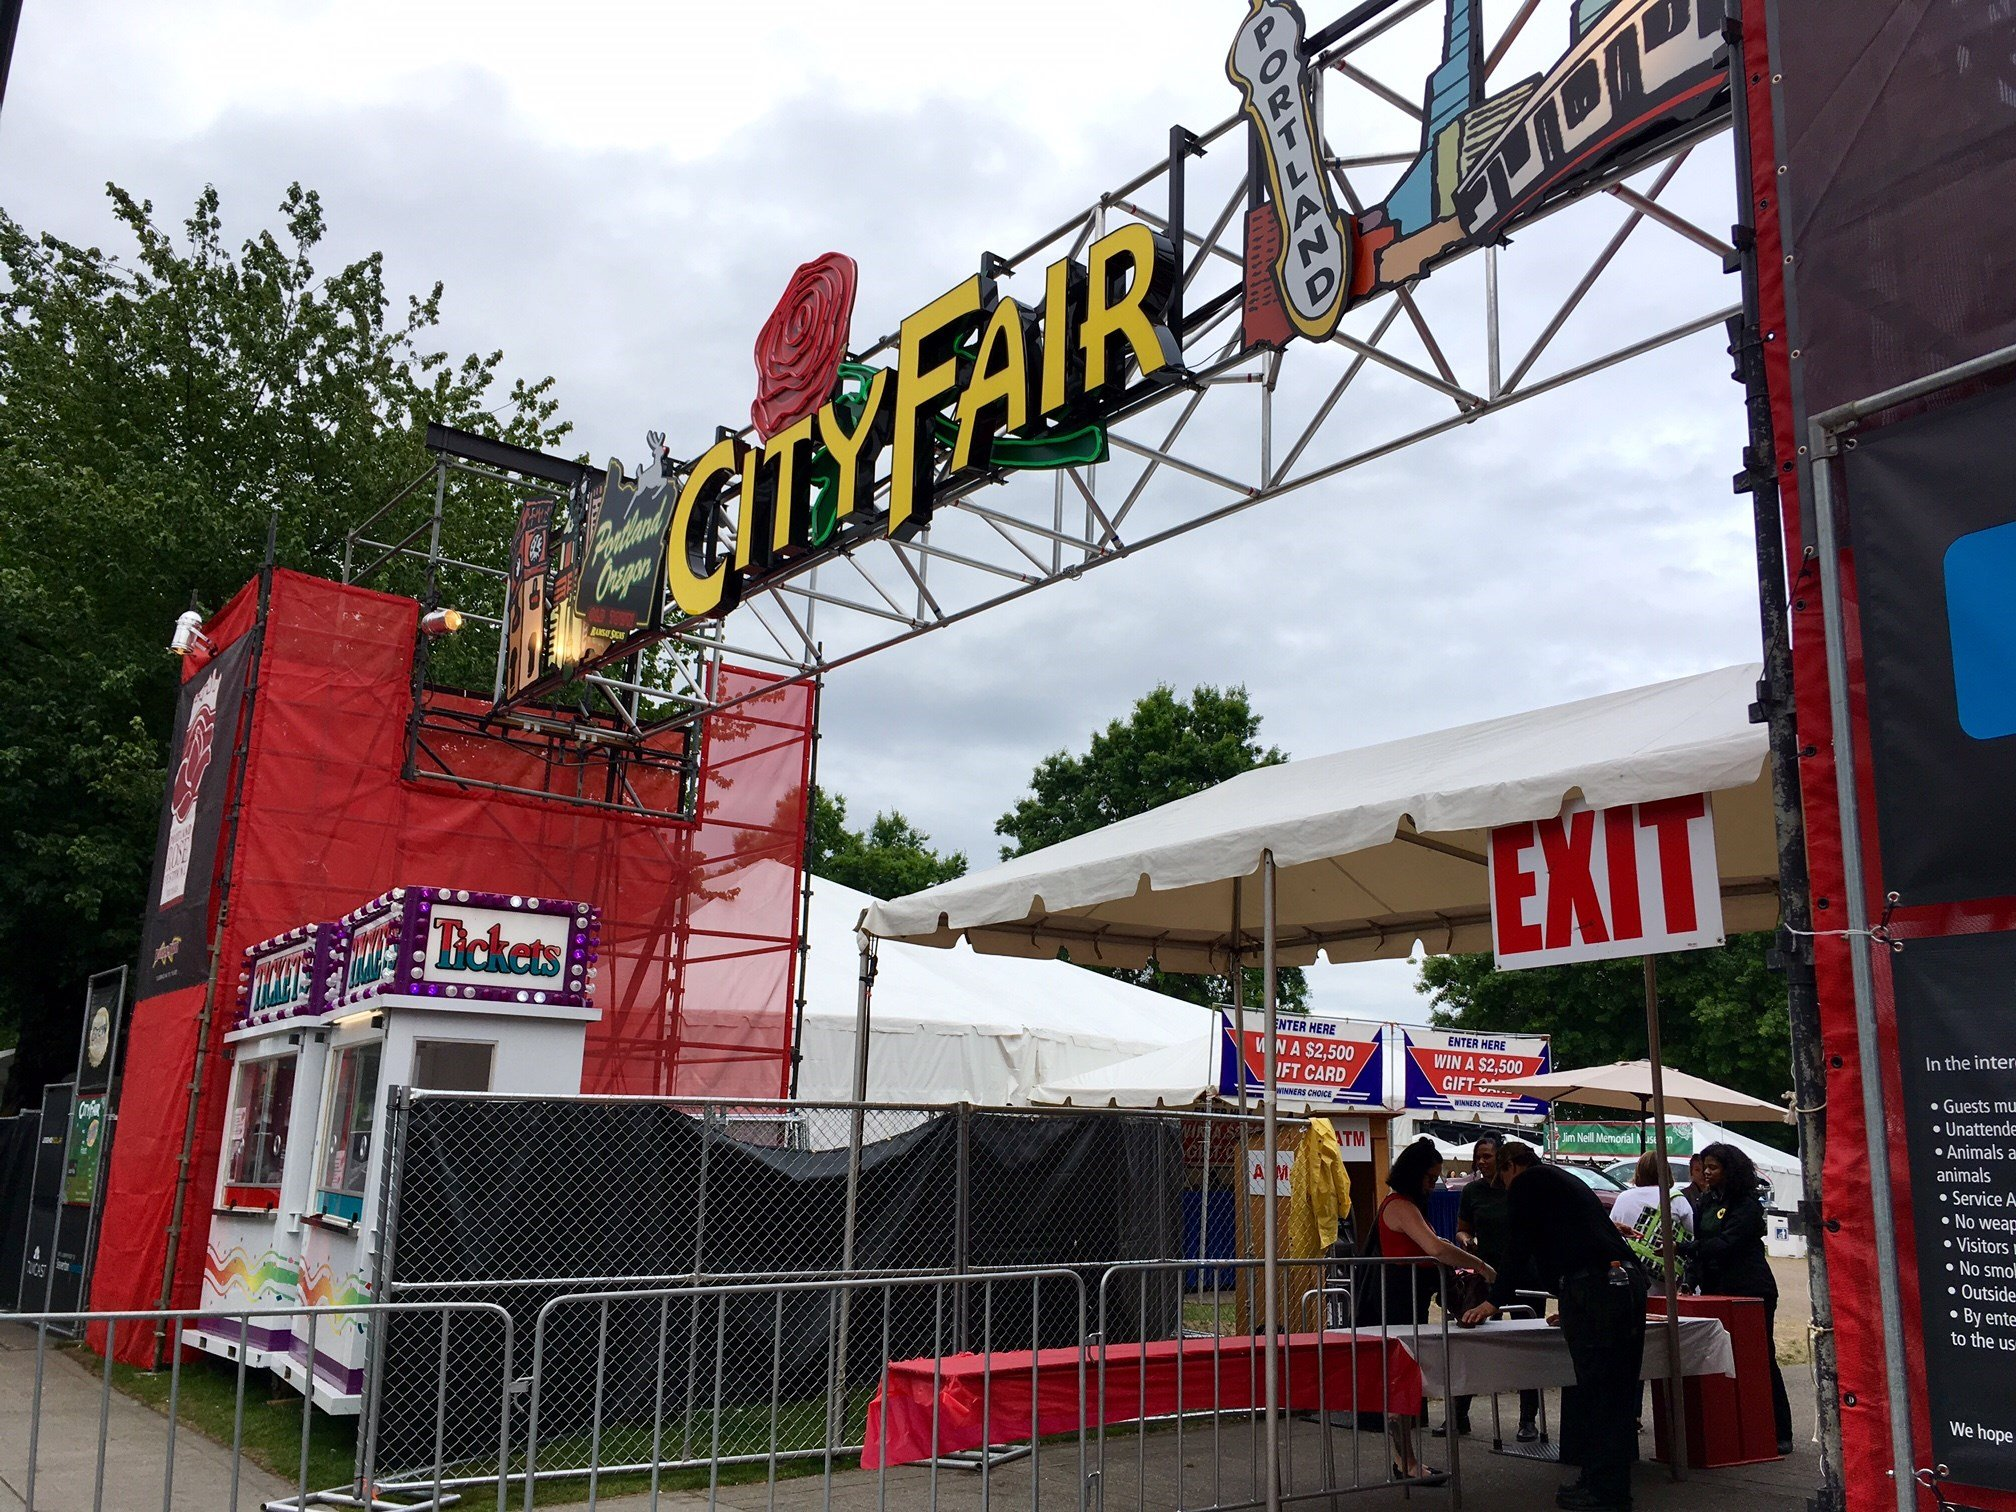 The entrance to City Fair Thursday. (KPTV)